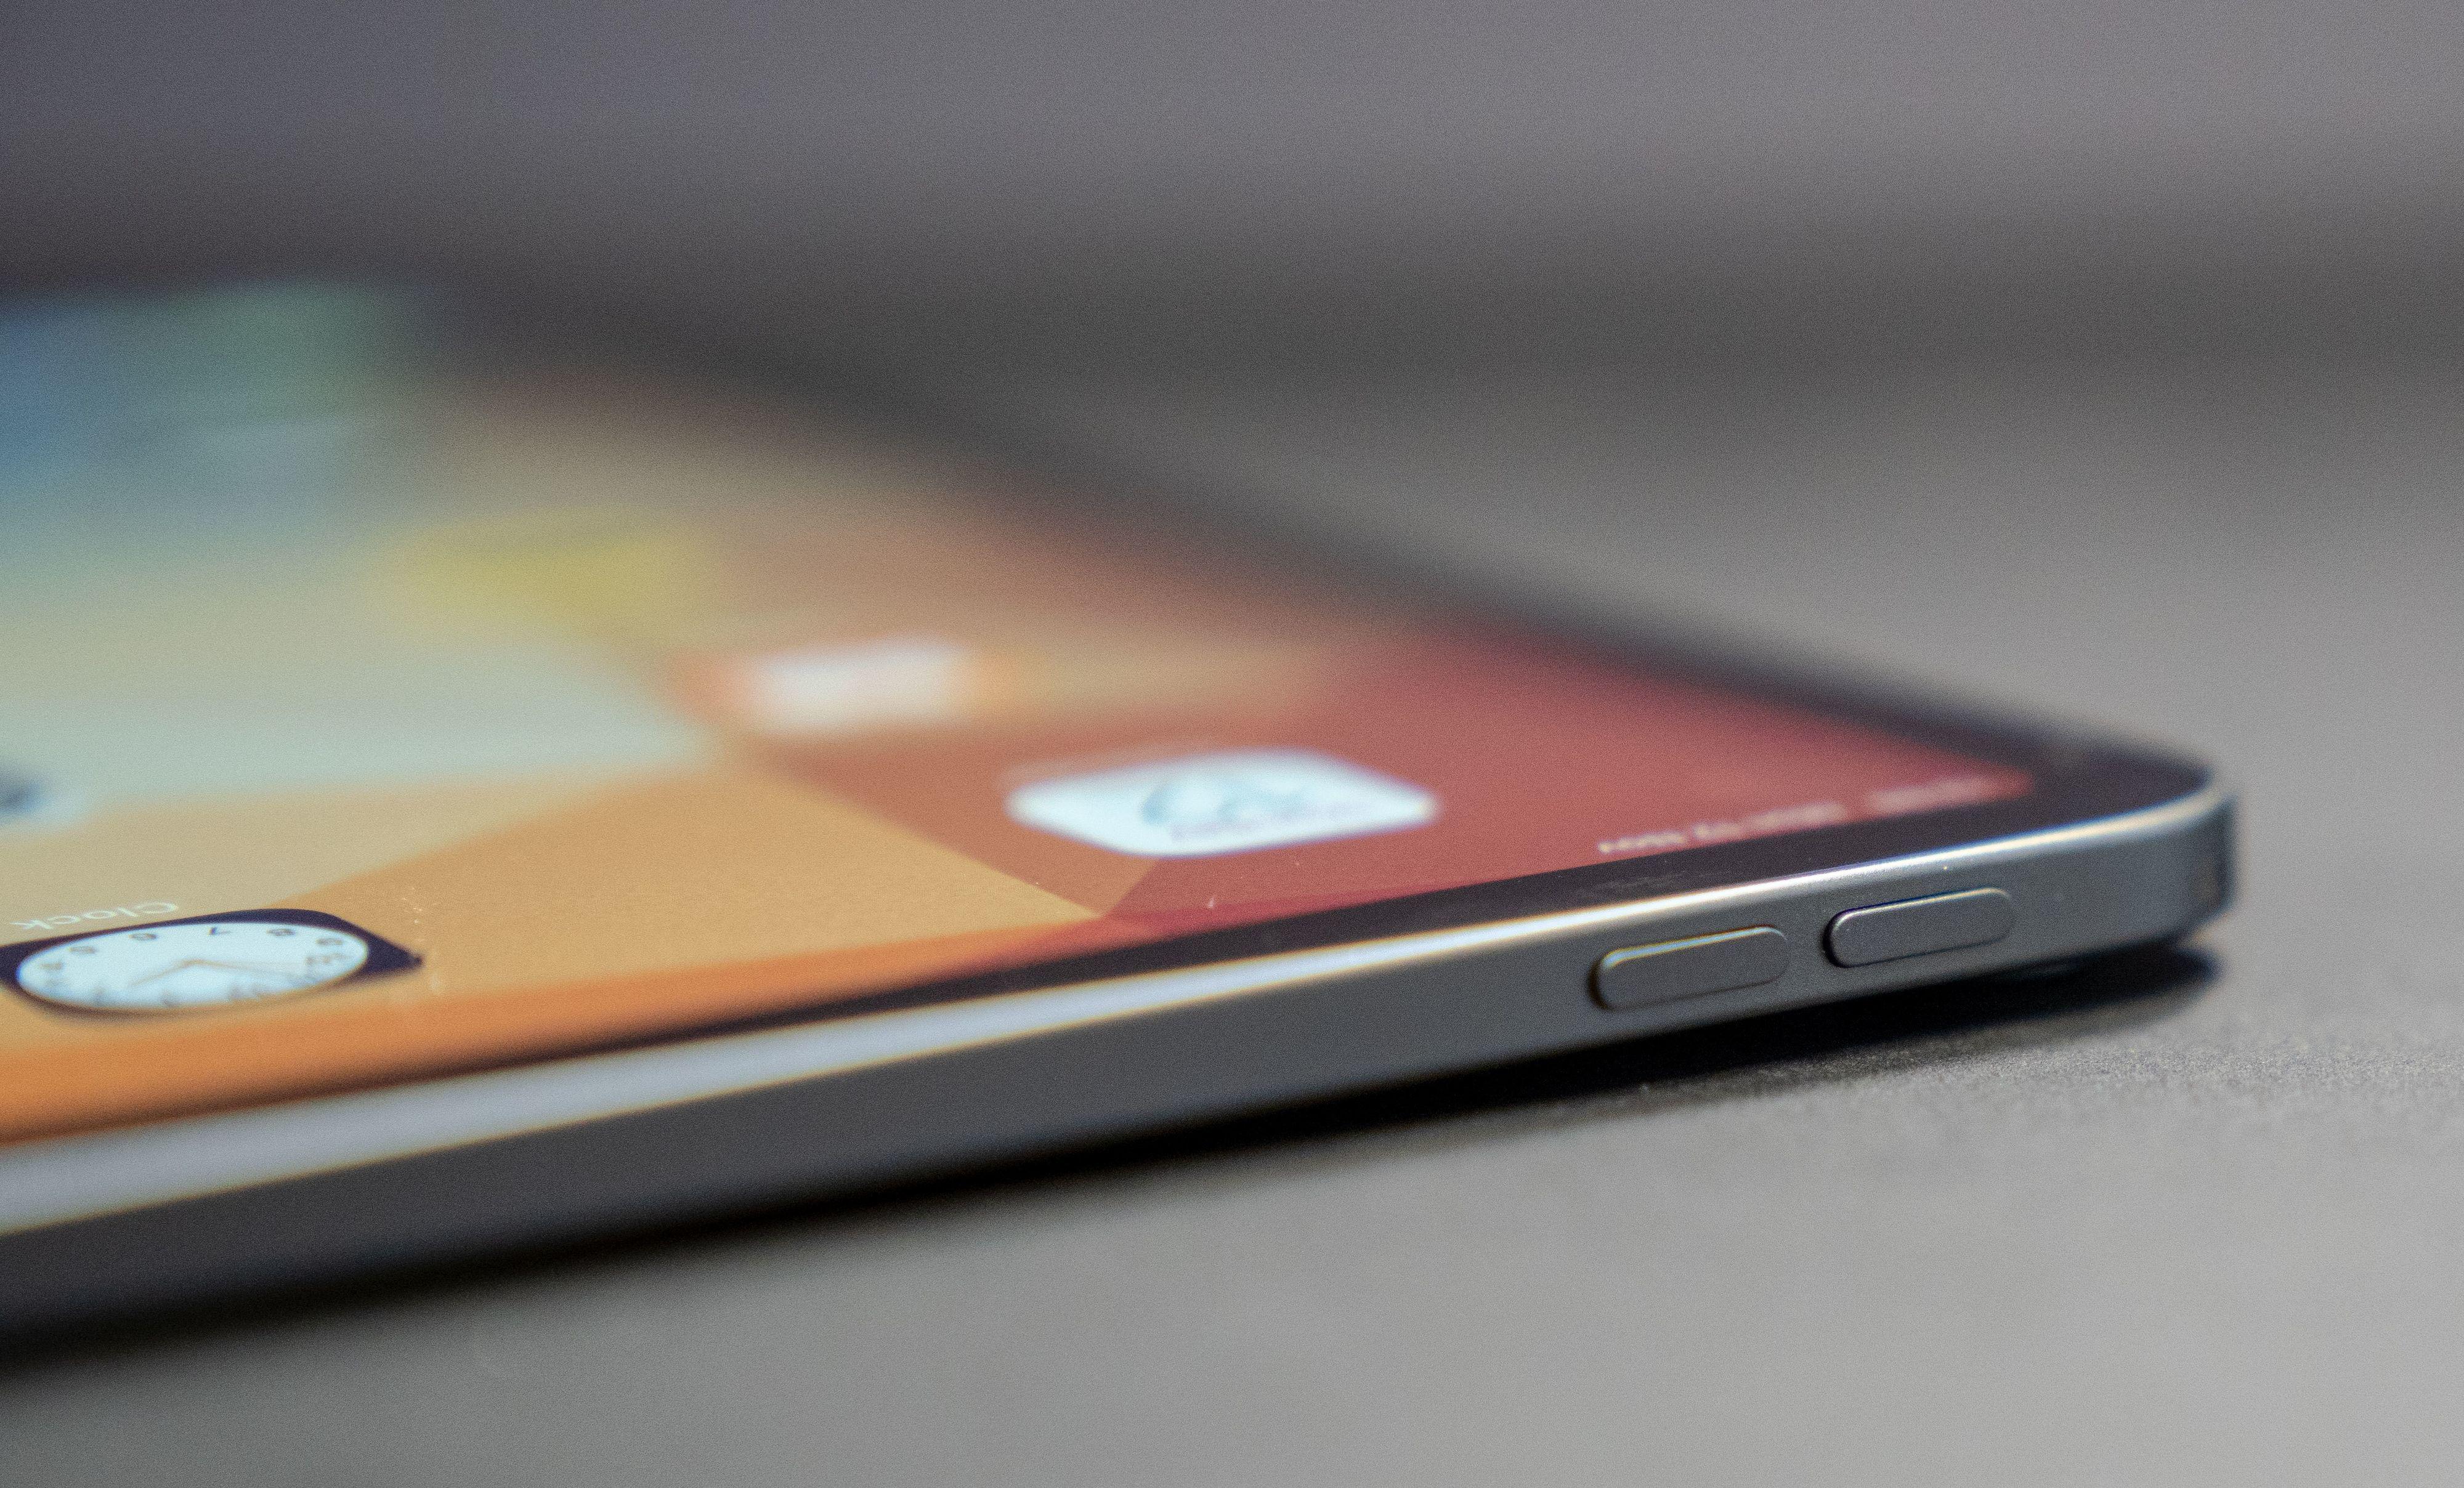 iPad Pro-designet har mange likhetstrekk med de skarpe kantene som ble introdusert med iPhone 4. Nå tror mange at de samme skarpe kantene kommer tilbake i årets iPhone.